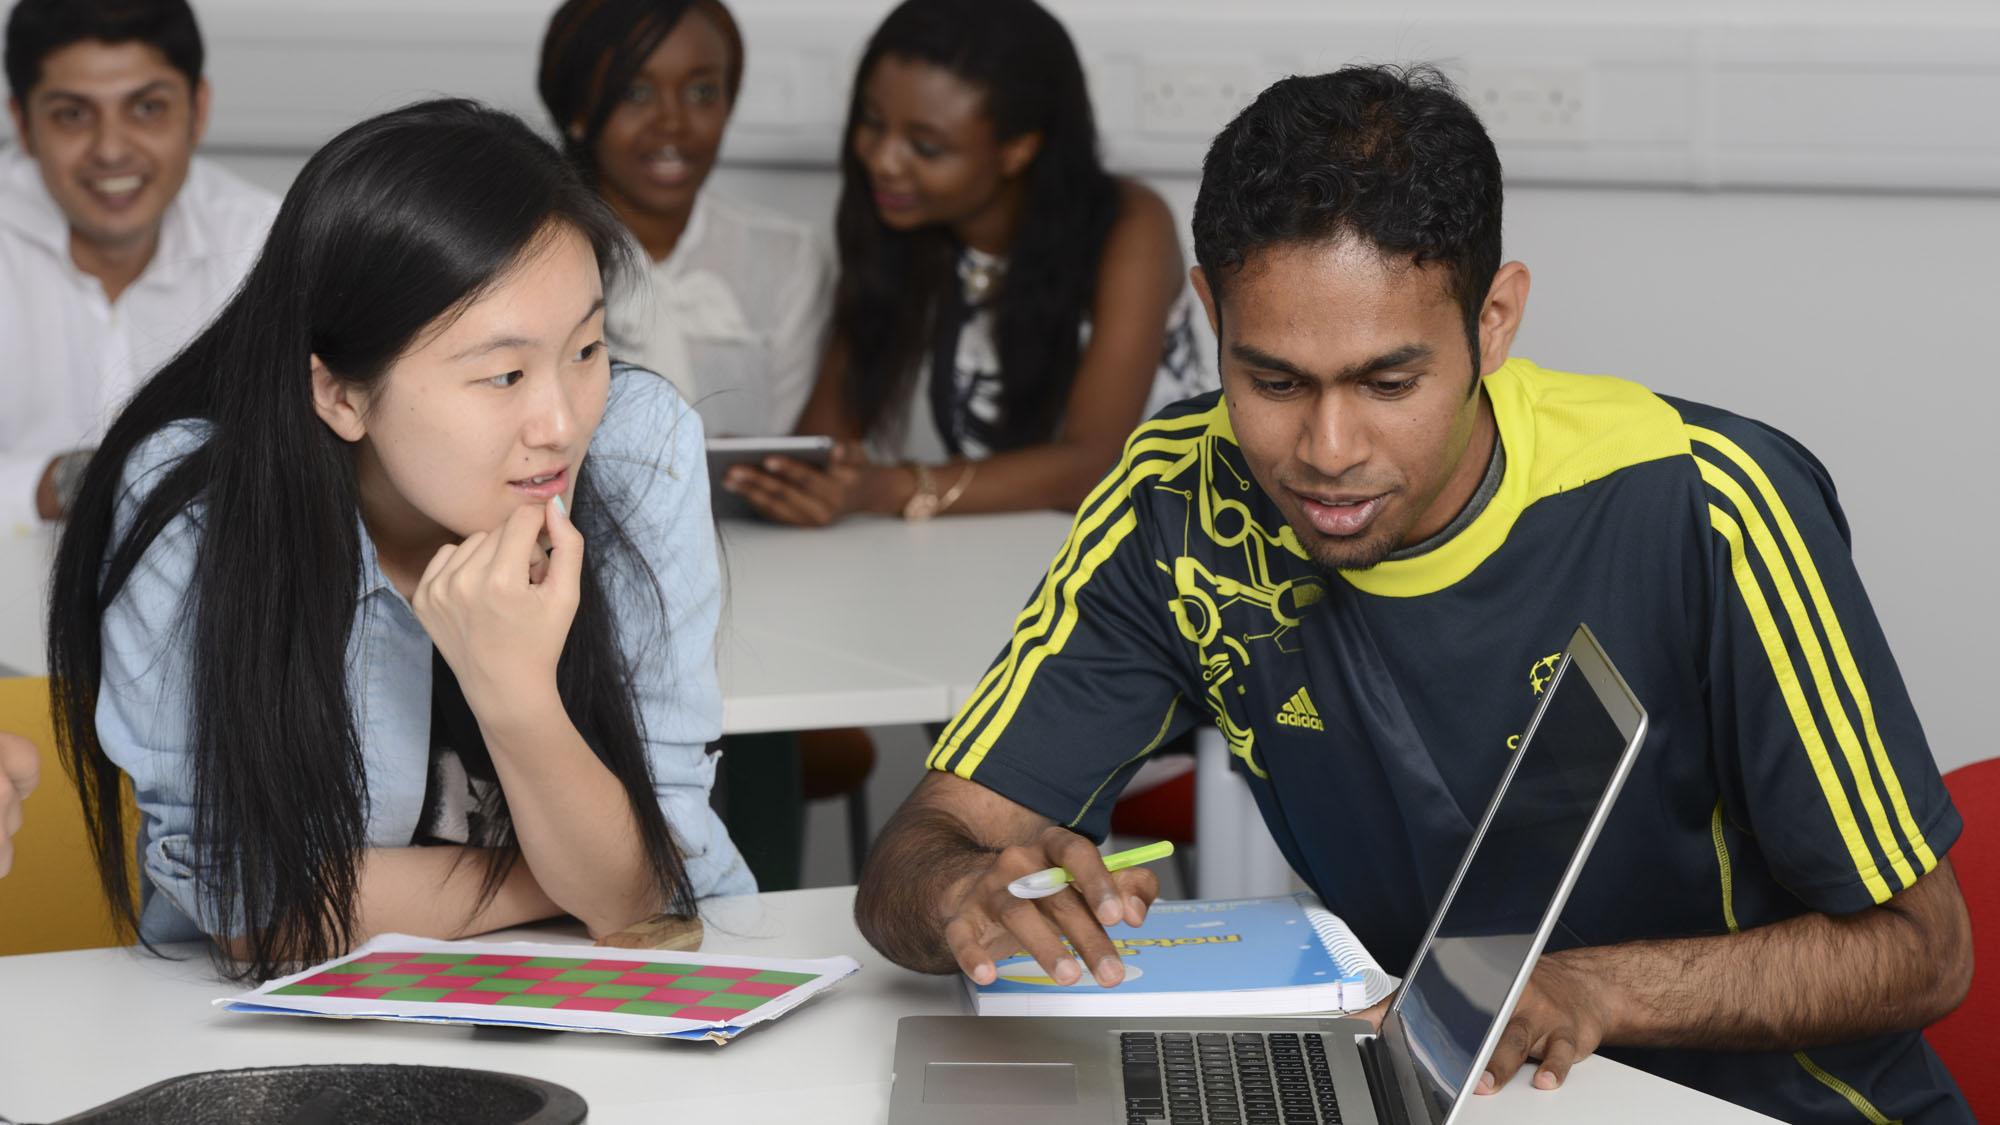 Computer Science Scholarships | Top Universities